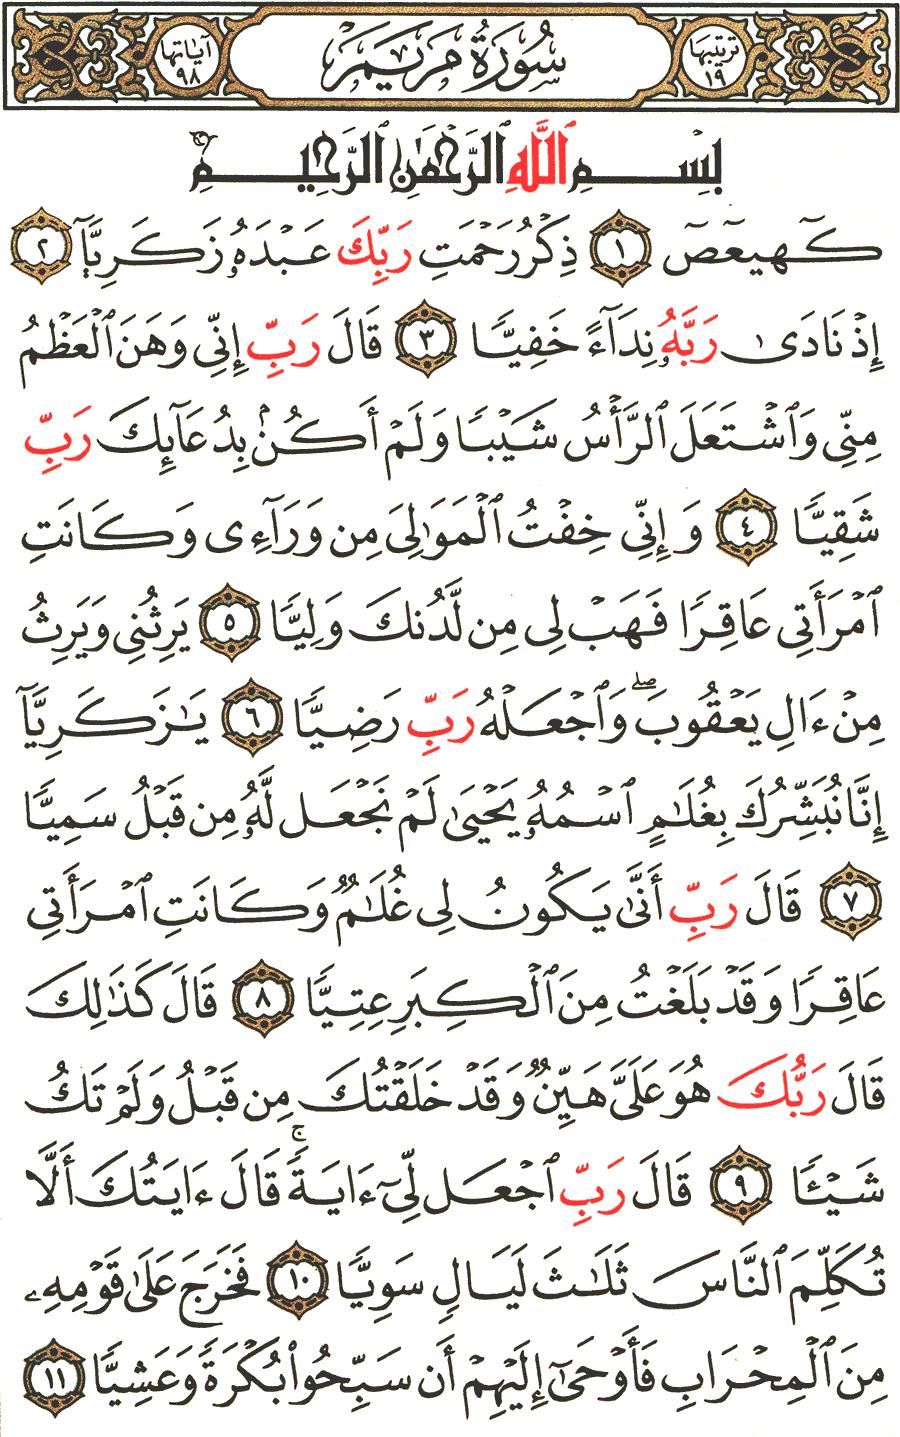 الصفحة رقم 305  من القرآن الكريم مكتوبة من المصحف